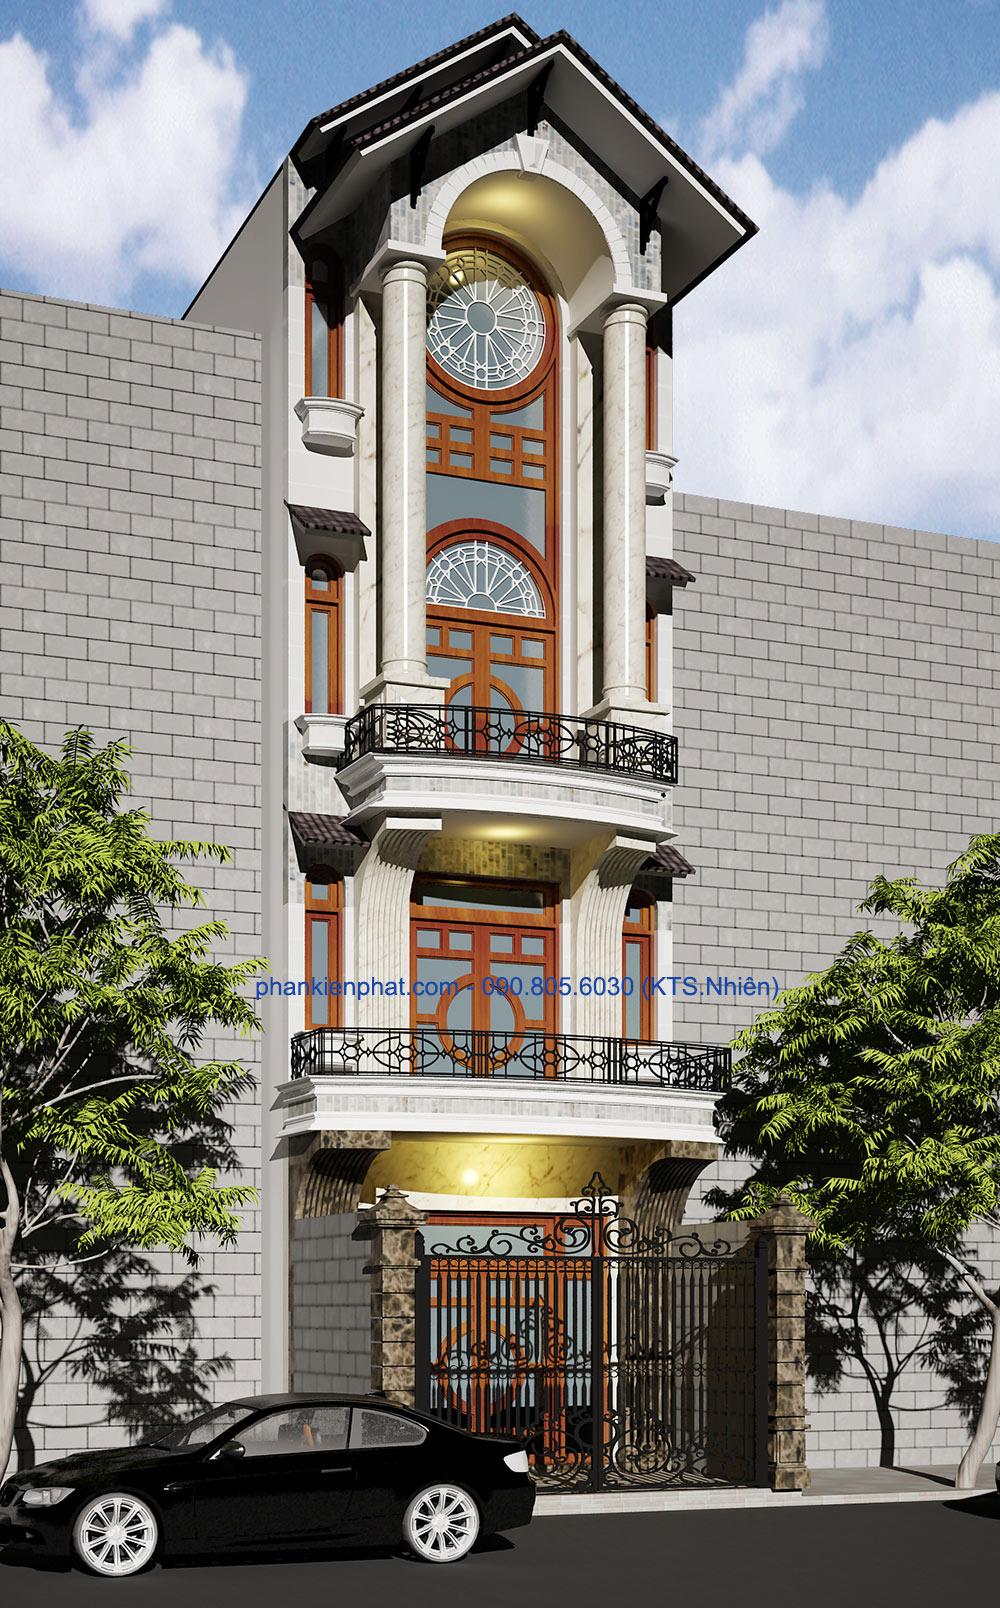 Công trình, Thiết kế xây dựng nhà phố, Anh Minh Dũng